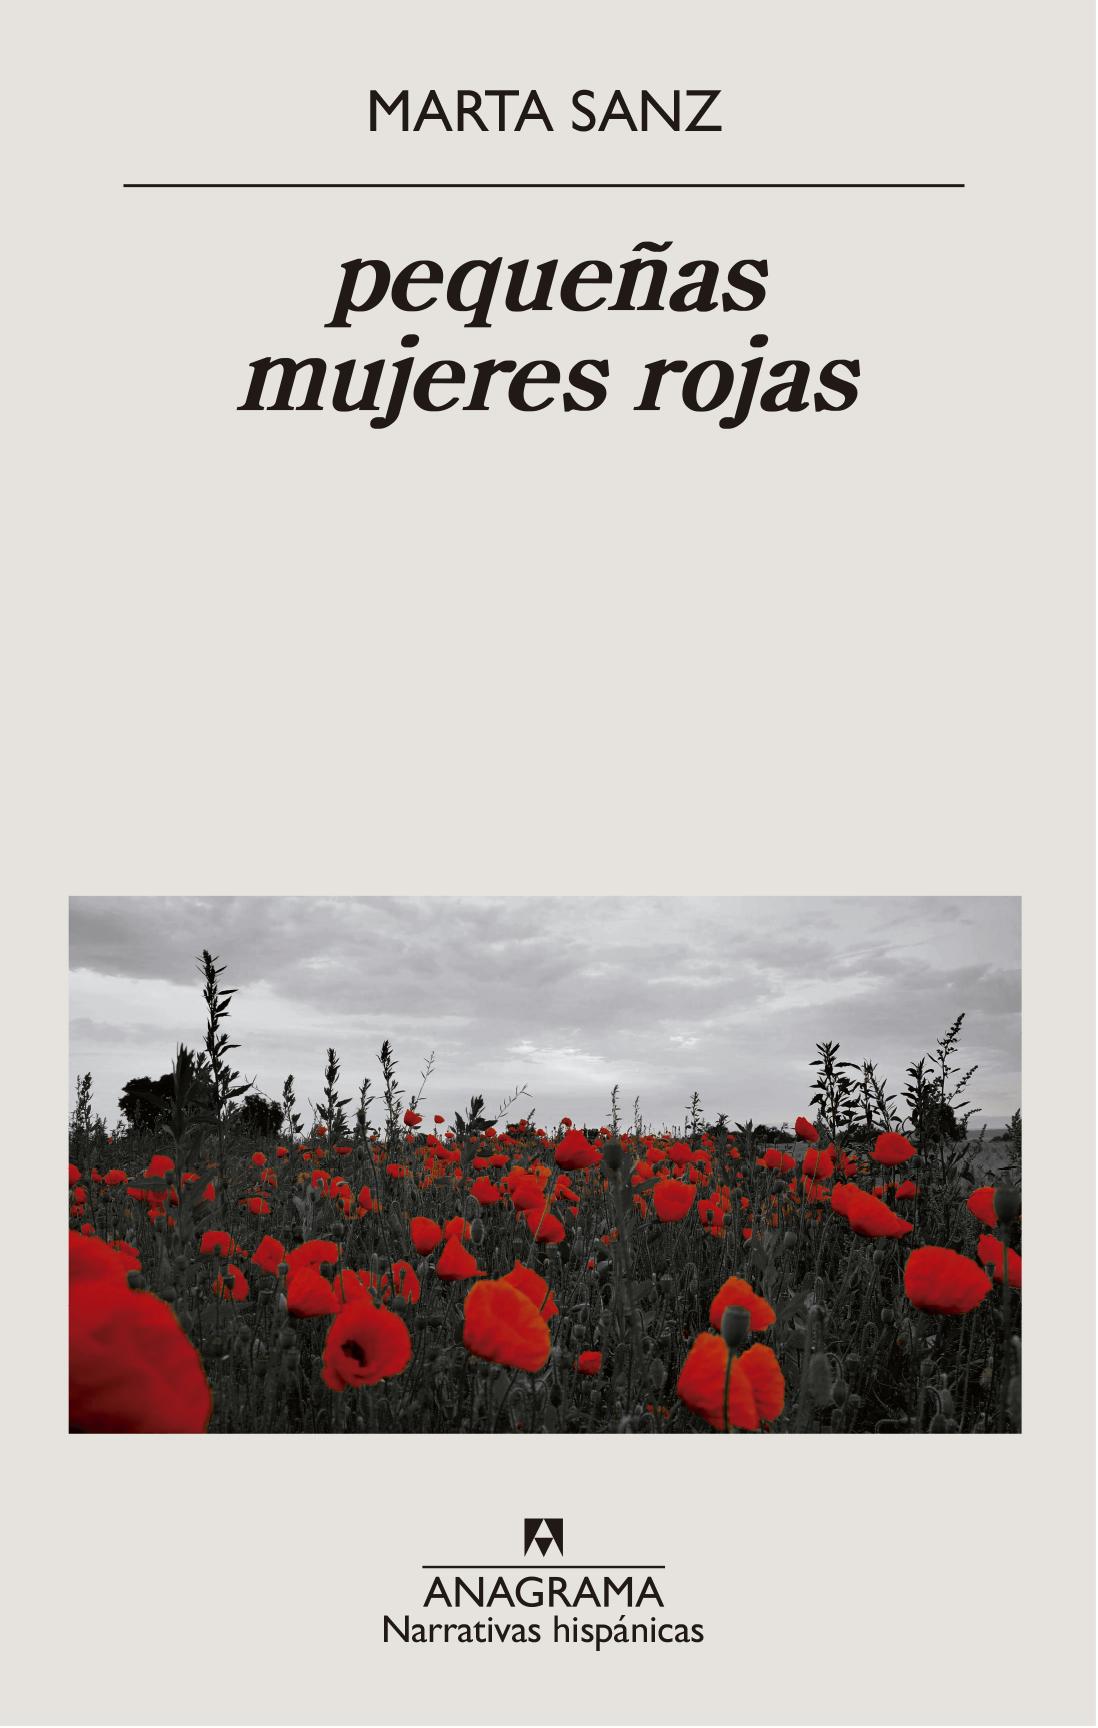 Pequeñas mujeres pequeñas, de Marta Sanz - Finalista Premios Estandarte 2020 a mejor novela del año